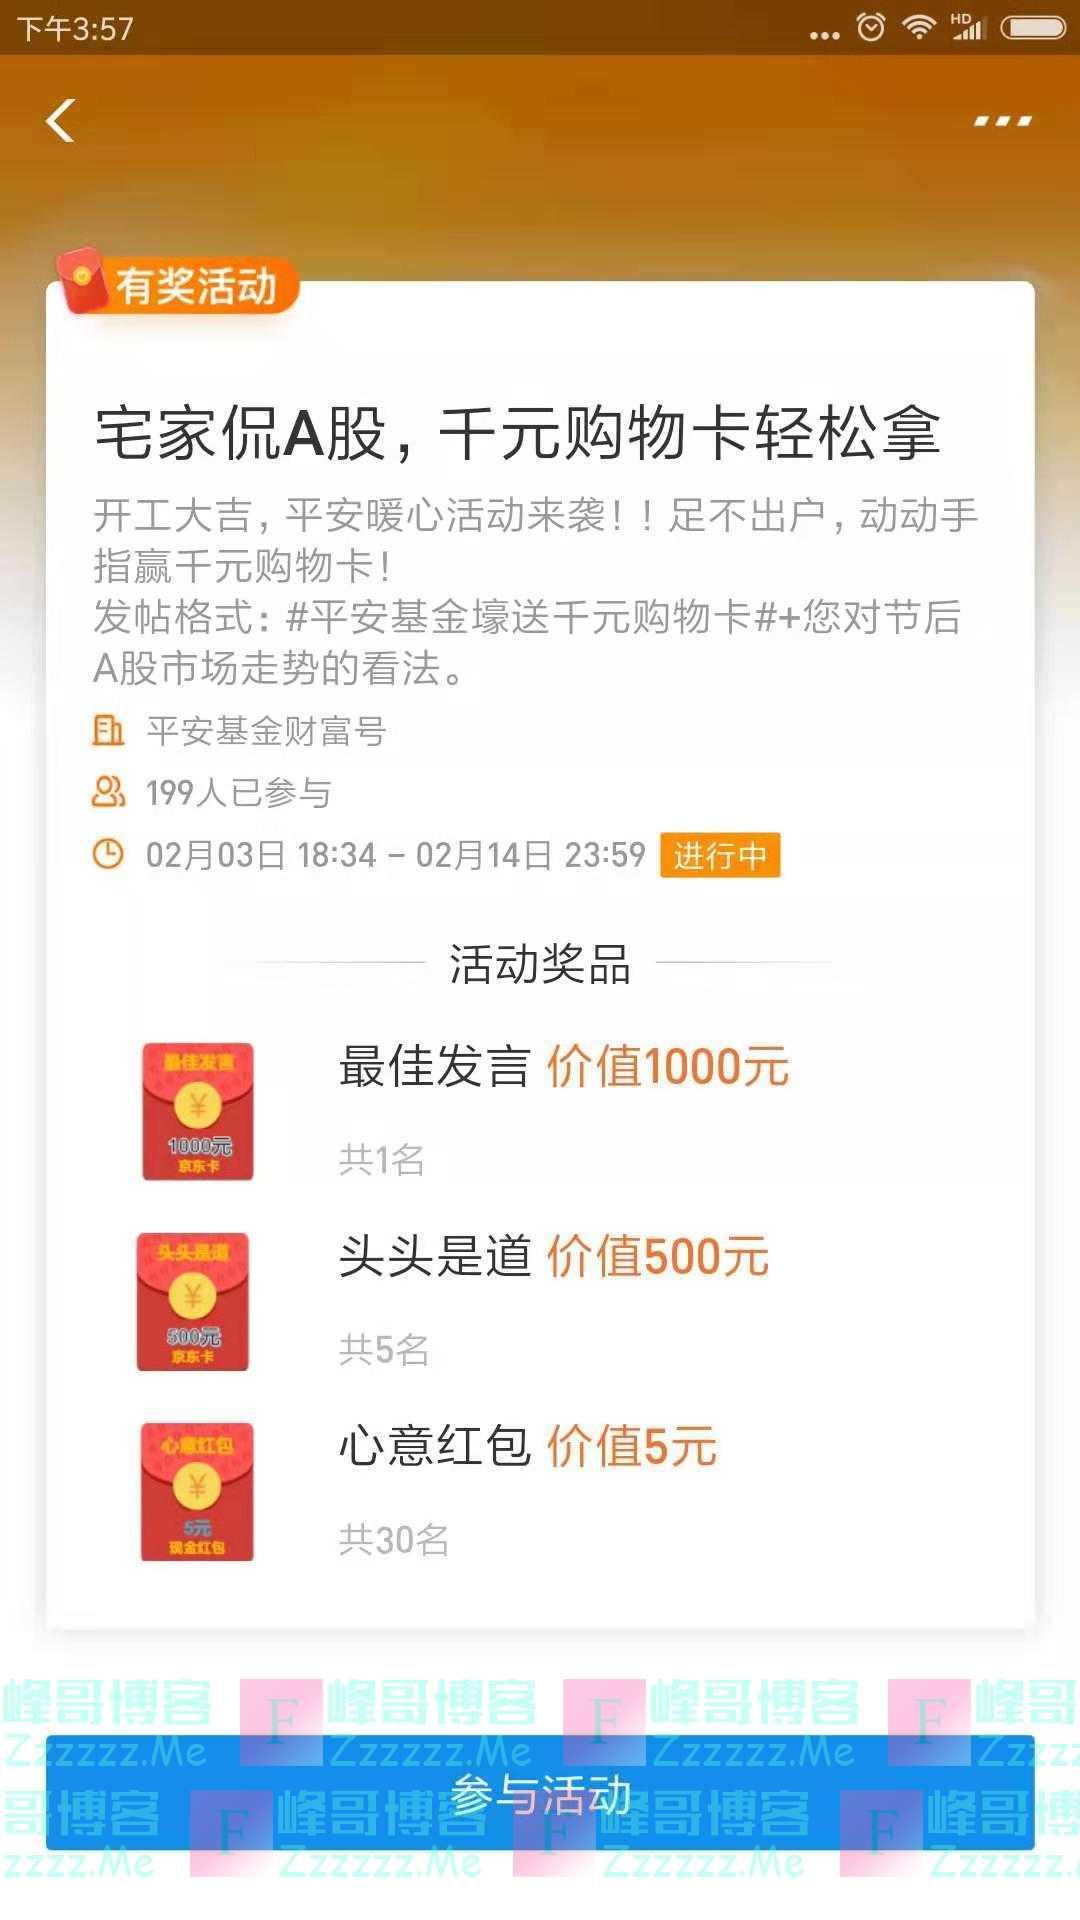 平安基金宅家侃A股 千元购物卡轻松拿(截止2月14日)